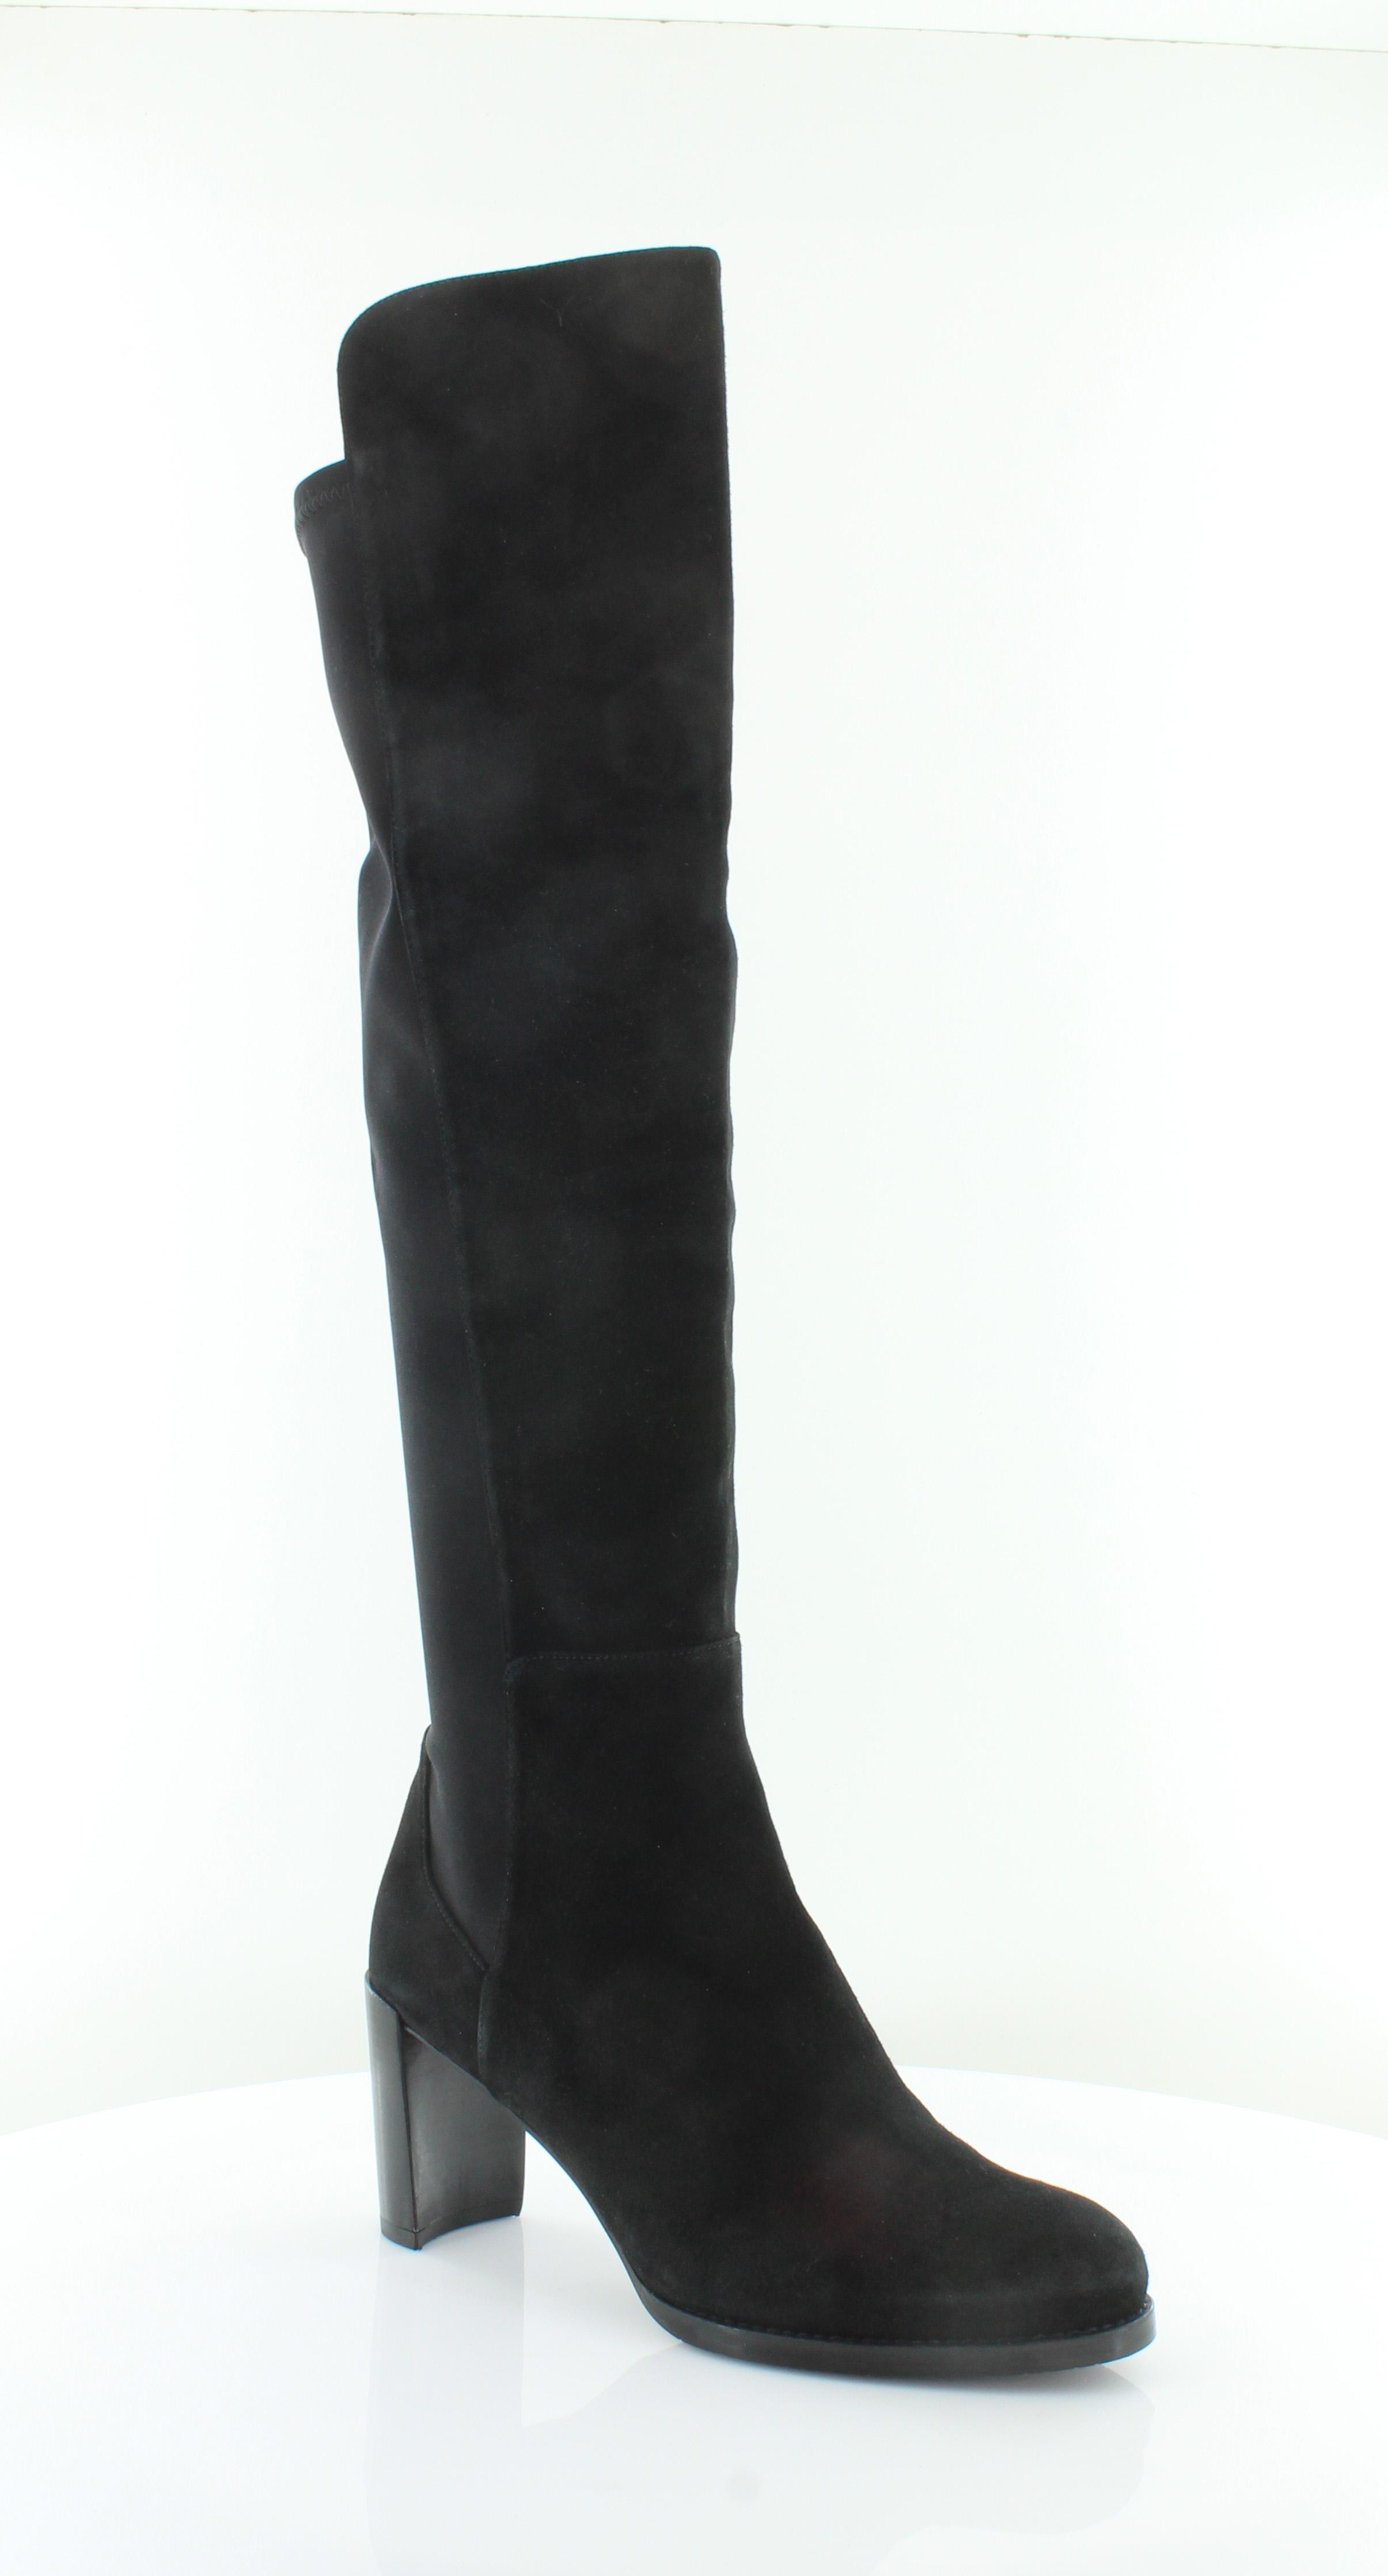 Stuart Weitzman Lowjack Black Womens shoes Size 9.5 M Boots MSRP  655